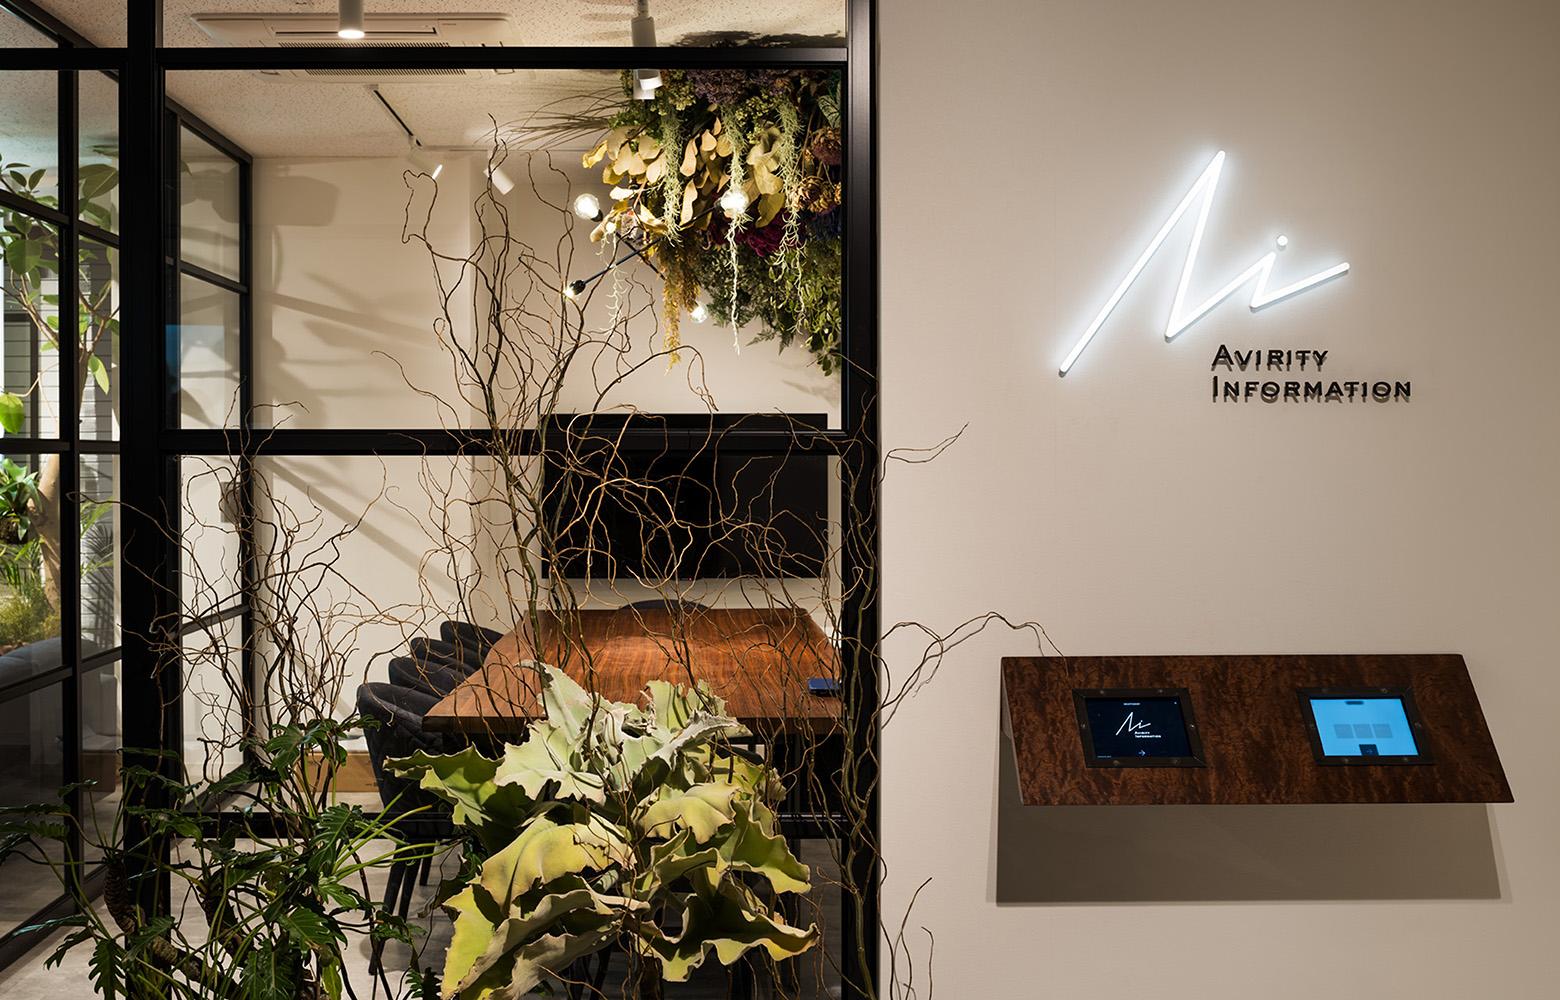 株式会社Avirity Information Entrance デザイン・レイアウト事例